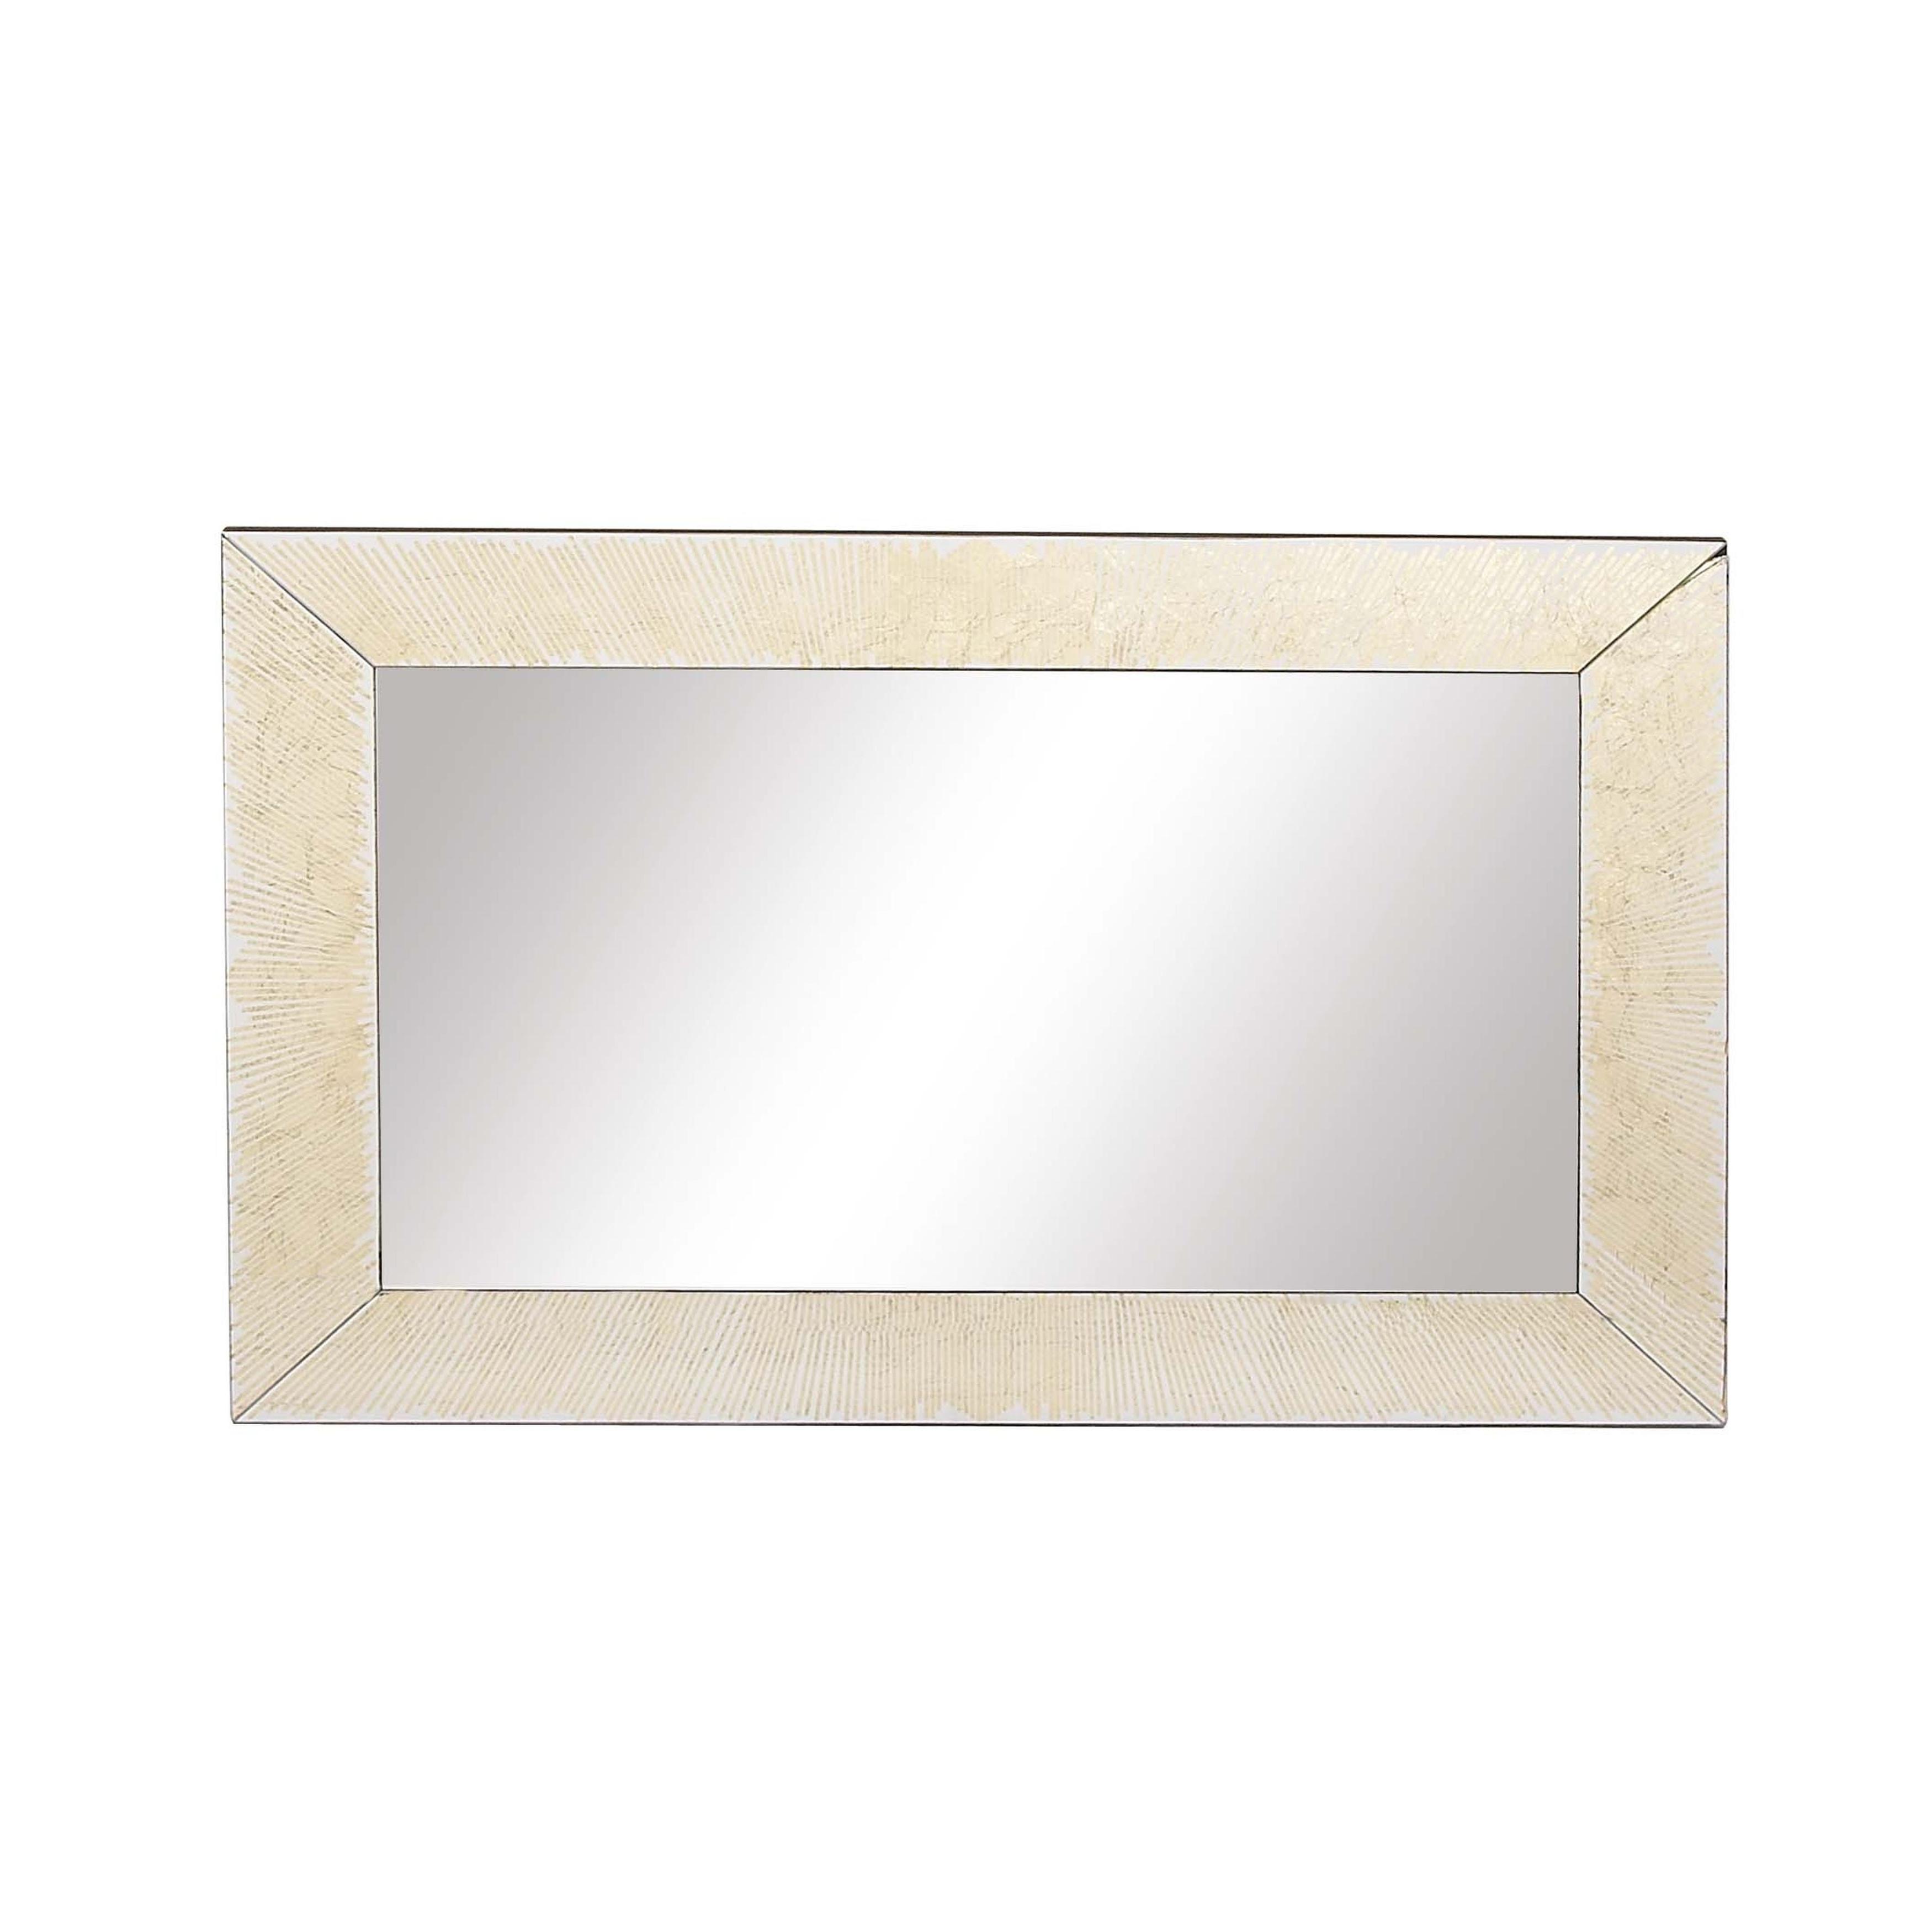 Shop Modern Wood Rectangular Framed Wall Mirror – Gold In Favorite Gold Framed Wall Mirrors (View 13 of 20)